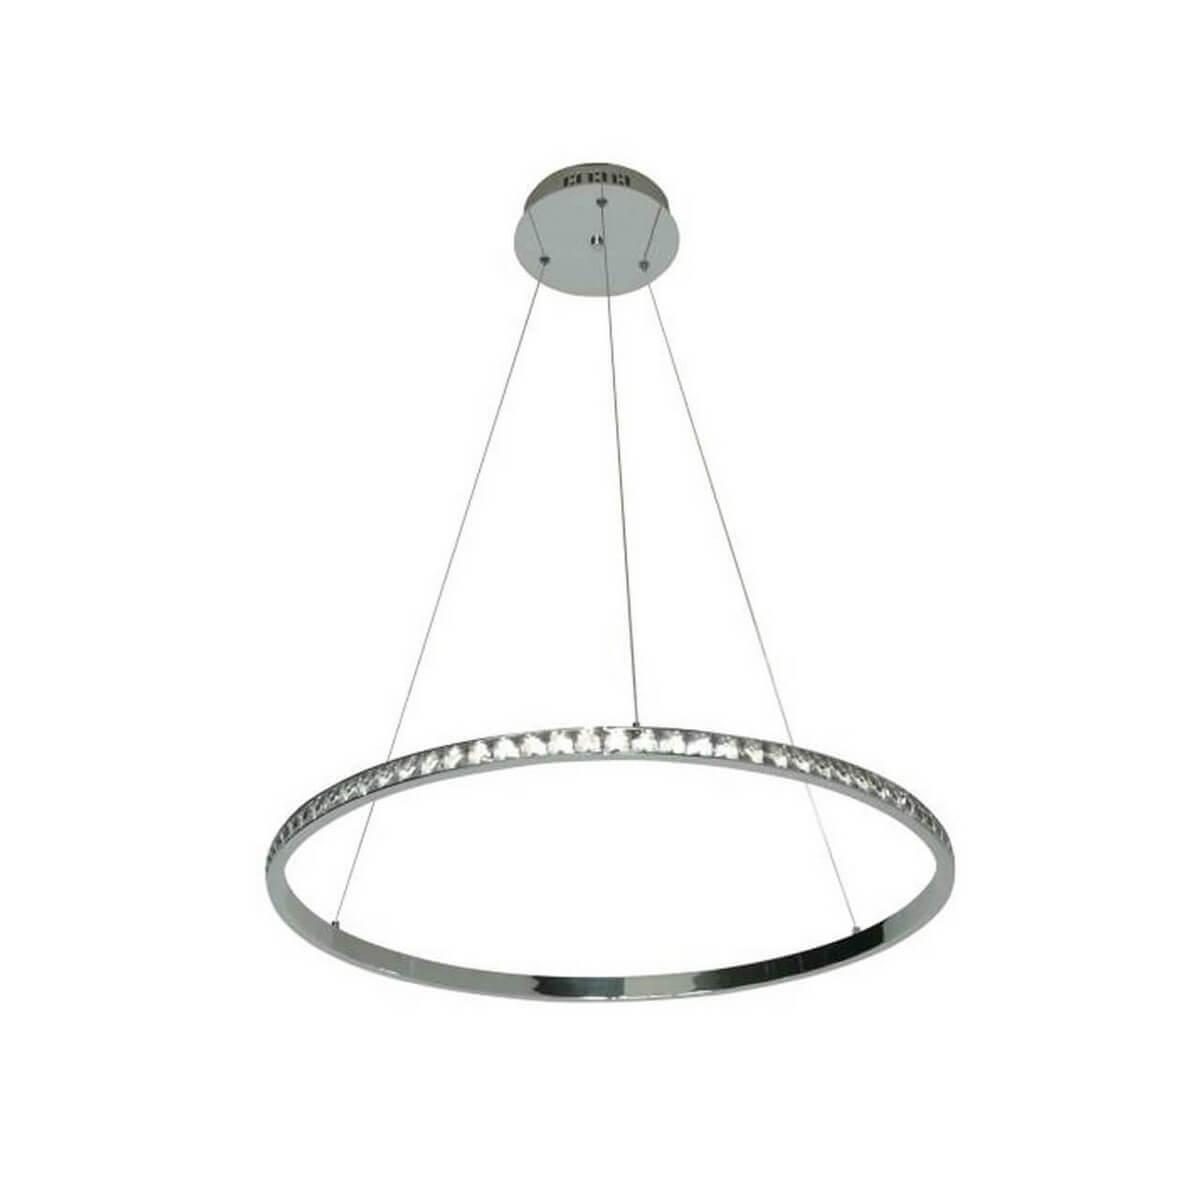 Подвесной светодиодный светильник Kink Light Тор-Кристалл 08631 kink light подвесной светильник kink light тор 08220 01